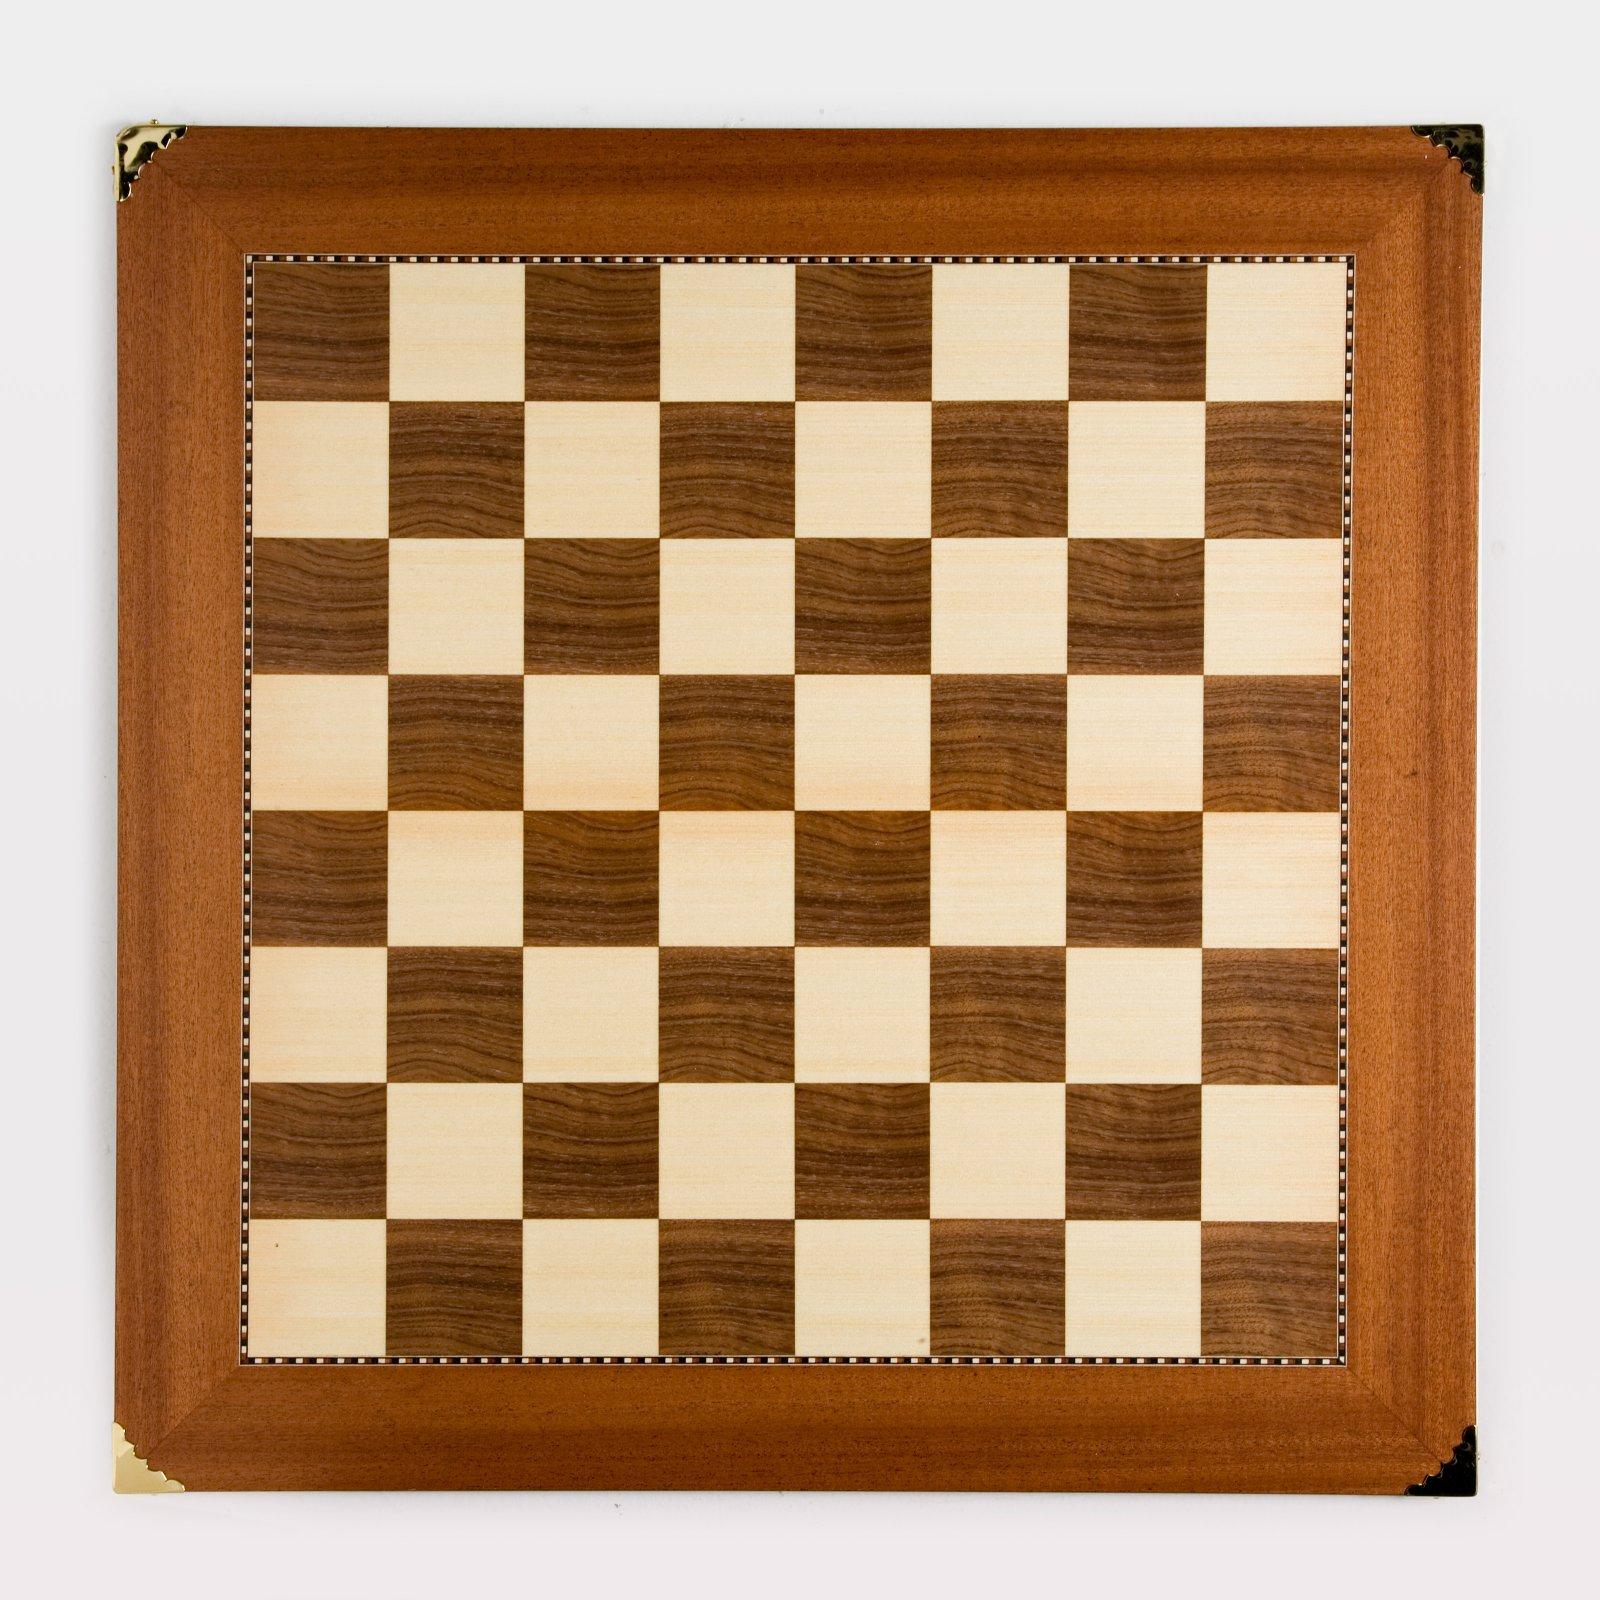 Champion Sycamore/Walnut Chess Board